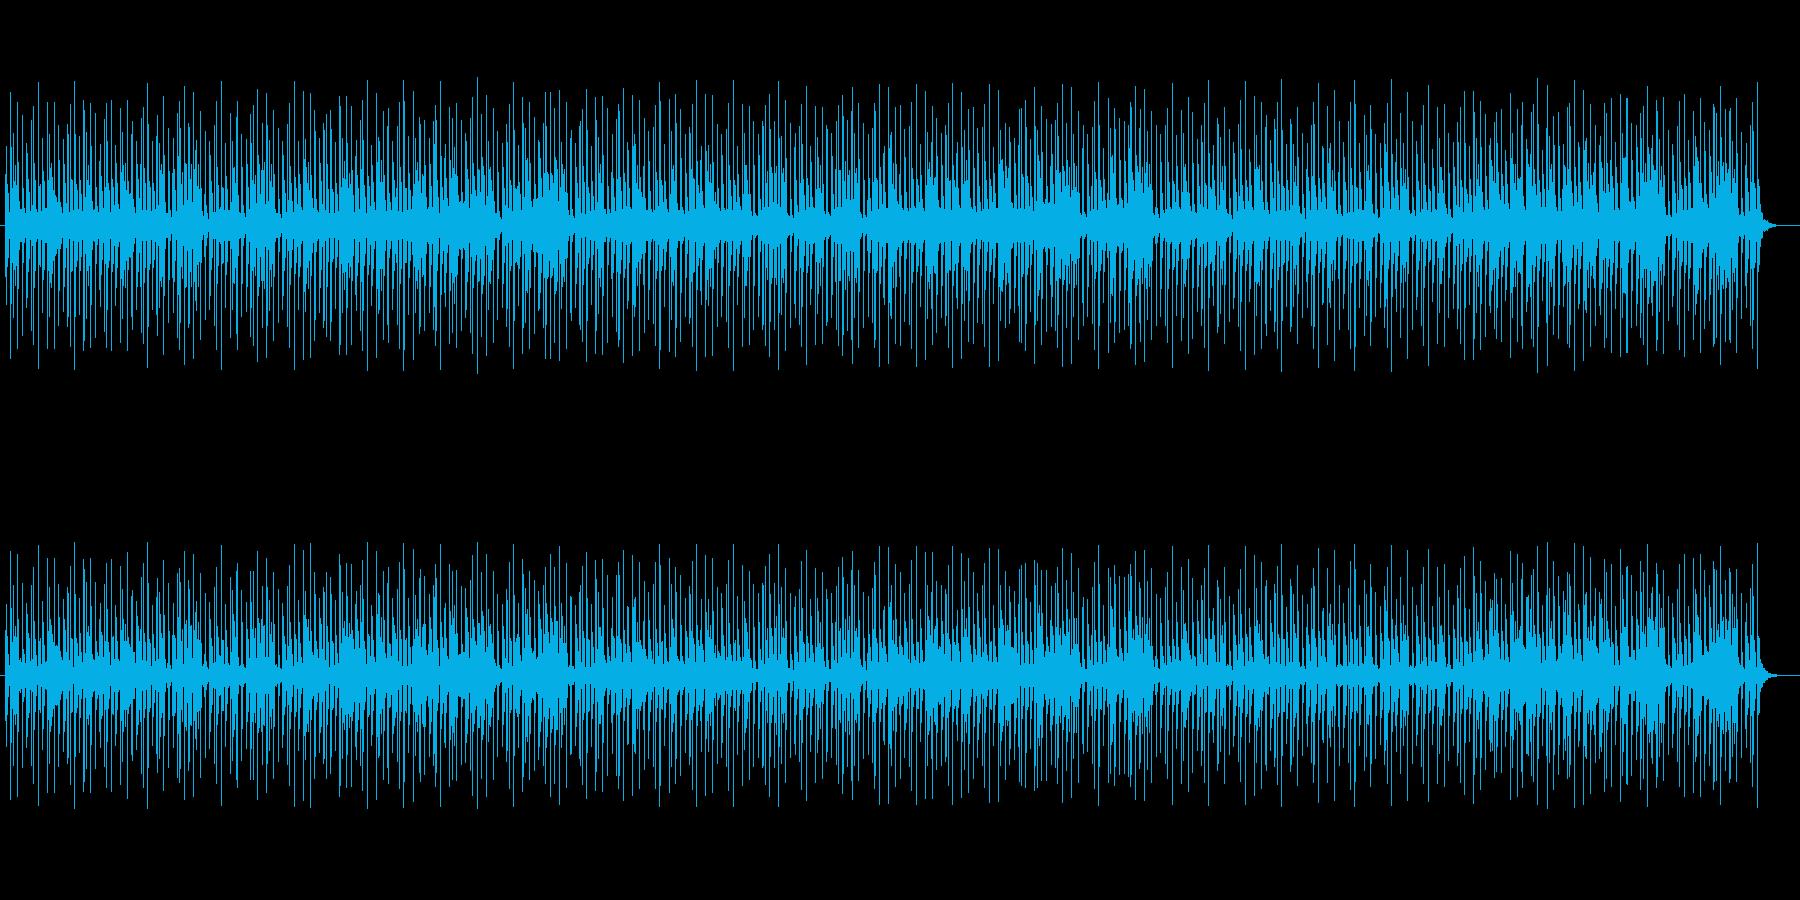 神秘的に響き渡るミュージックの再生済みの波形